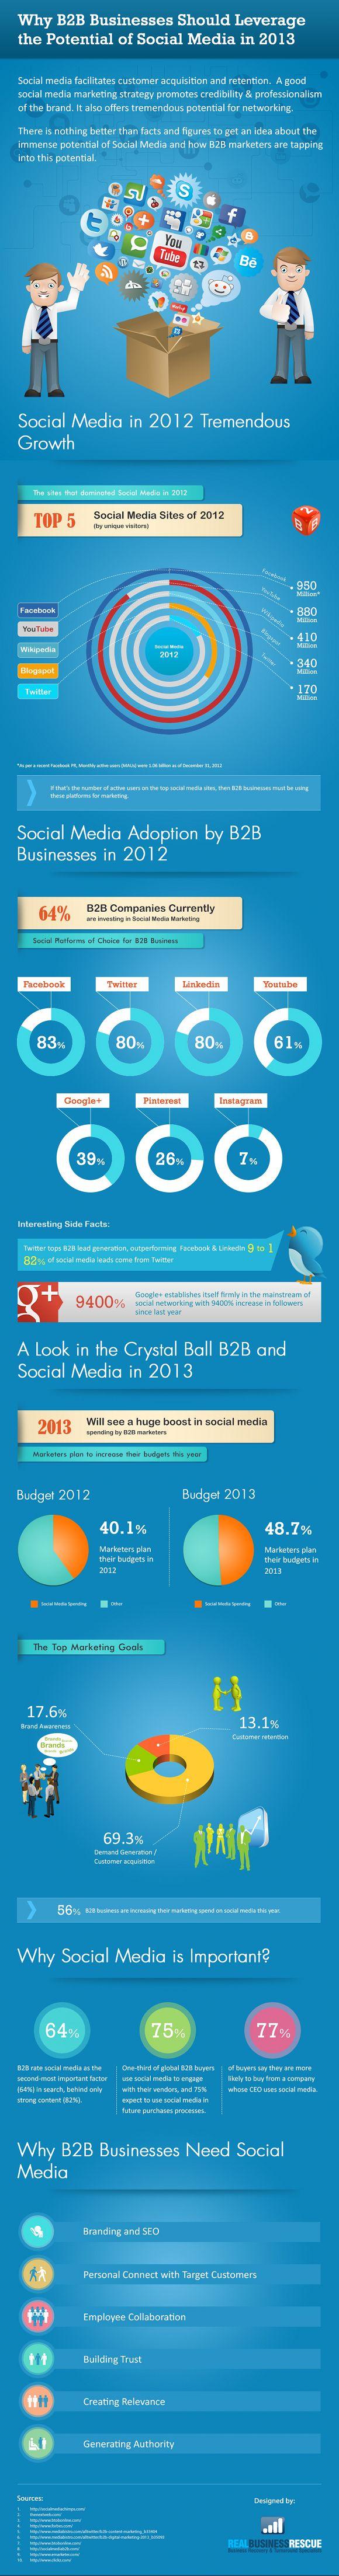 b2b-social-media-2013